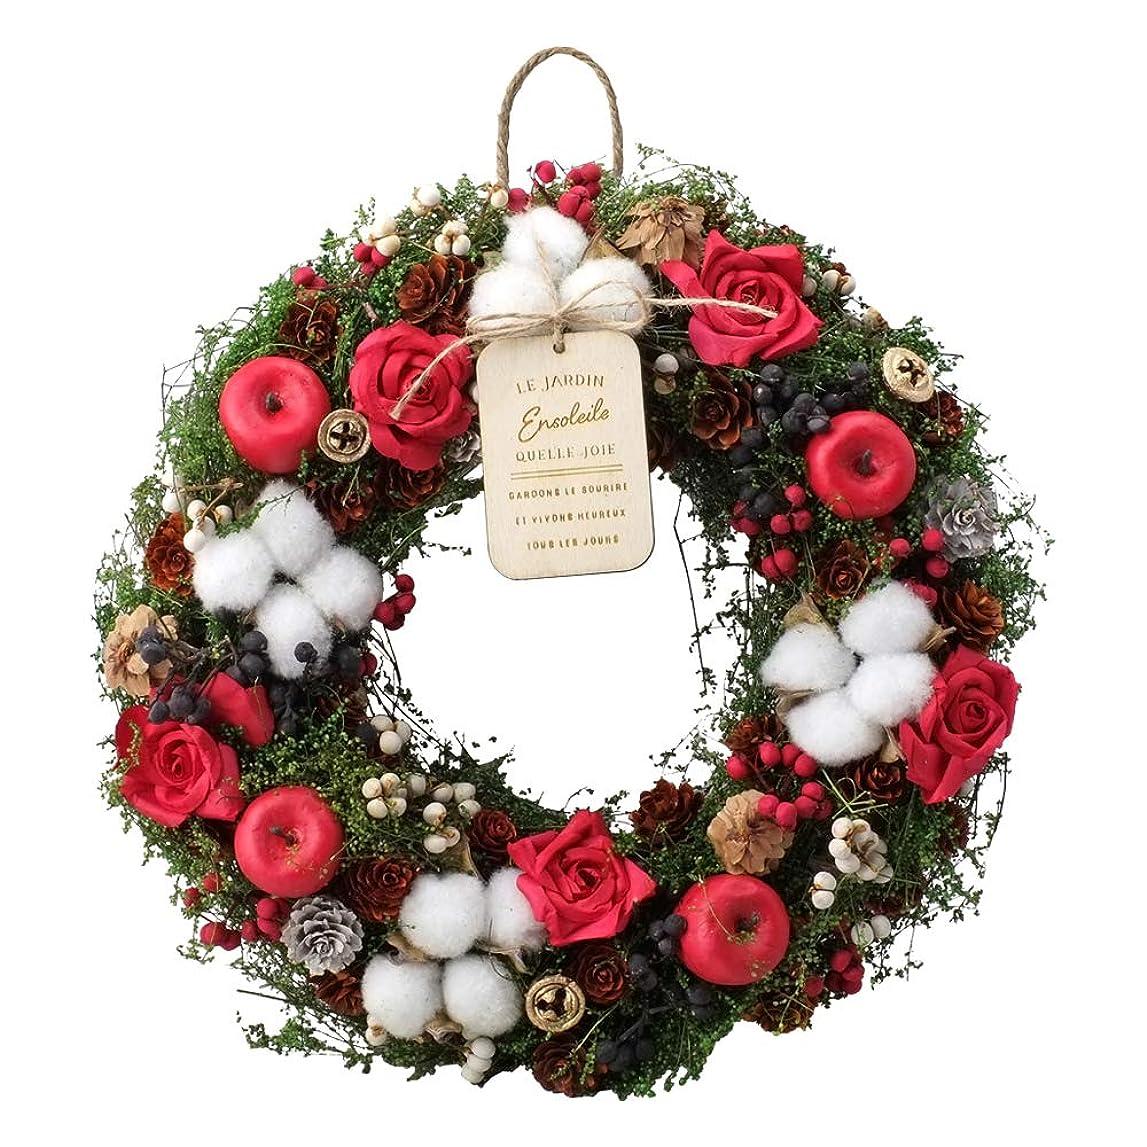 アサー乗り出す永続Lulu's ルルズ クリスマス リース ナチュラルリース ドライフラワー Lサイズ マスターピース サイズ:310×70×310高さmm Lulu's-0409 CM1046-A